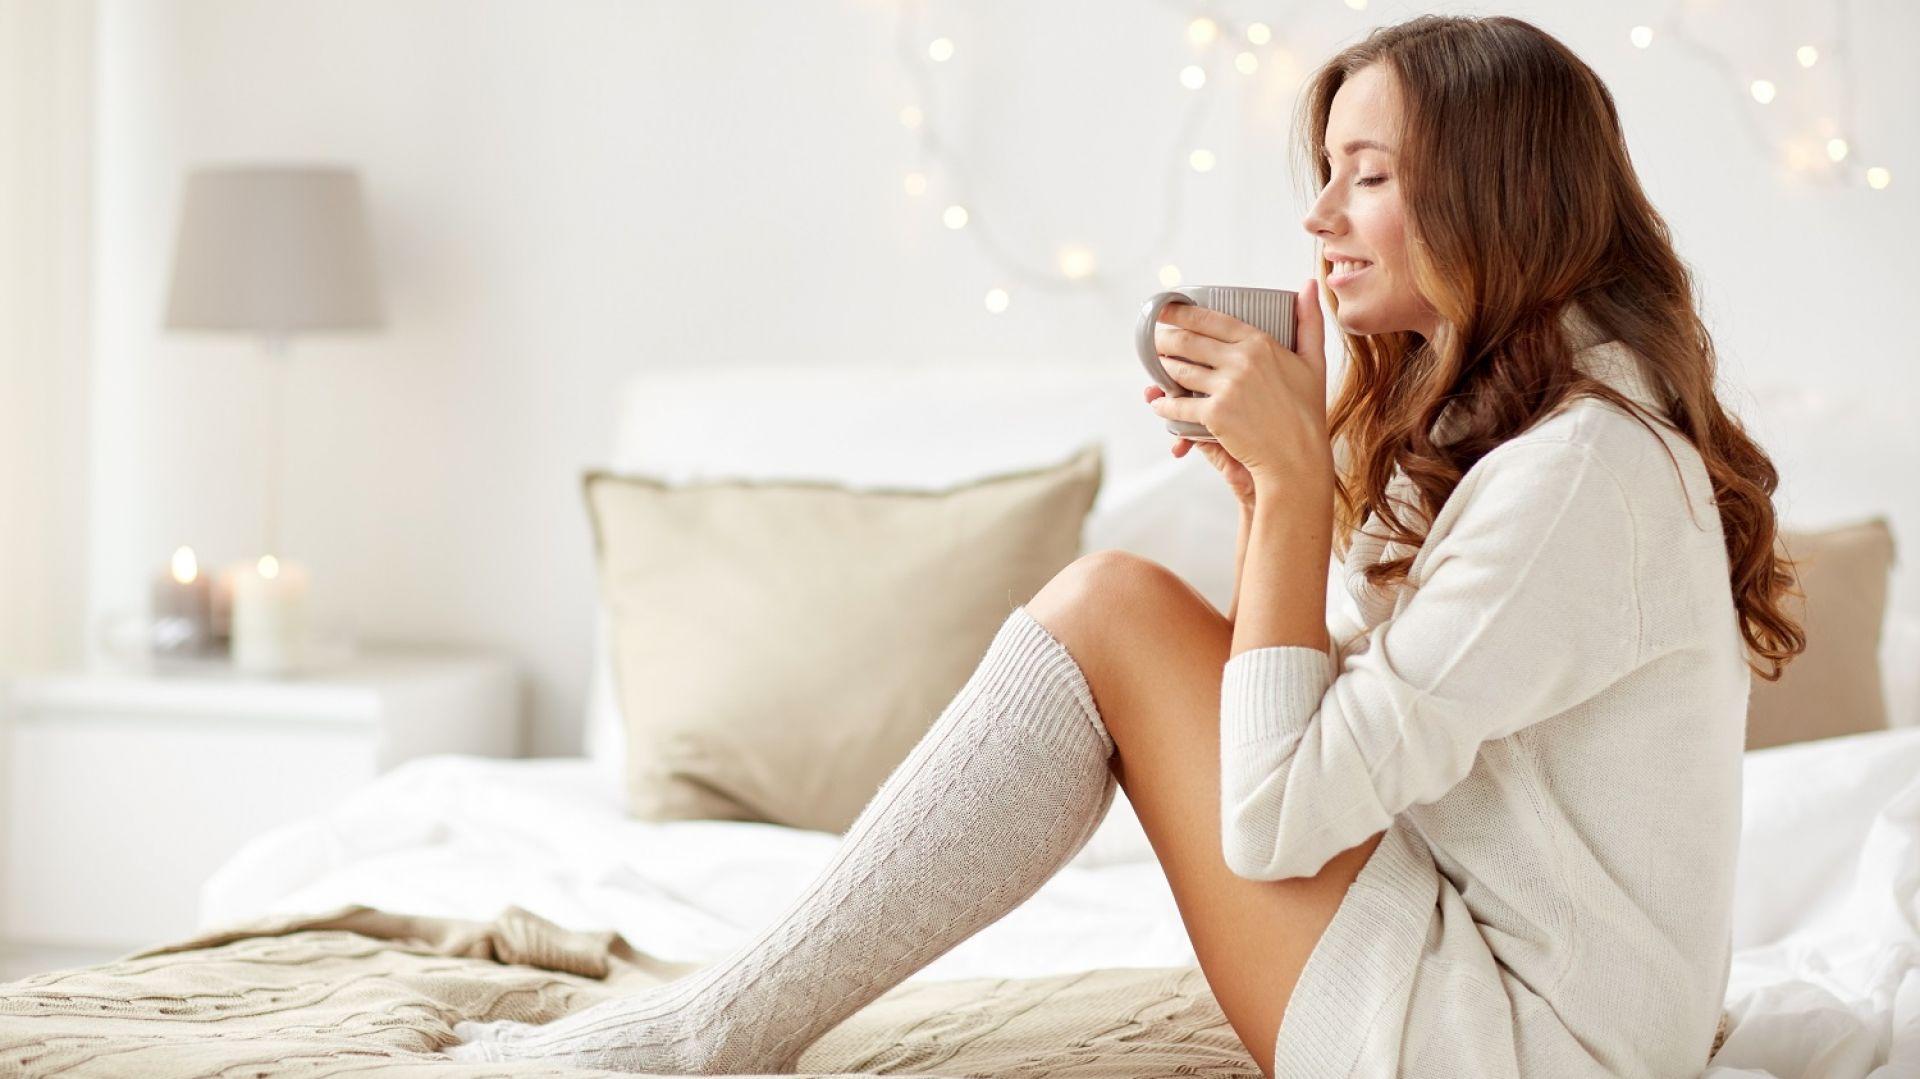 Zimą, ze względu na niższe temperatury znacznie więcej czasu spędzamy w domowym zaciszu. Najchętniej chronimy się przed zimnem i odpoczywamy w sypialni. Fot. 123rf